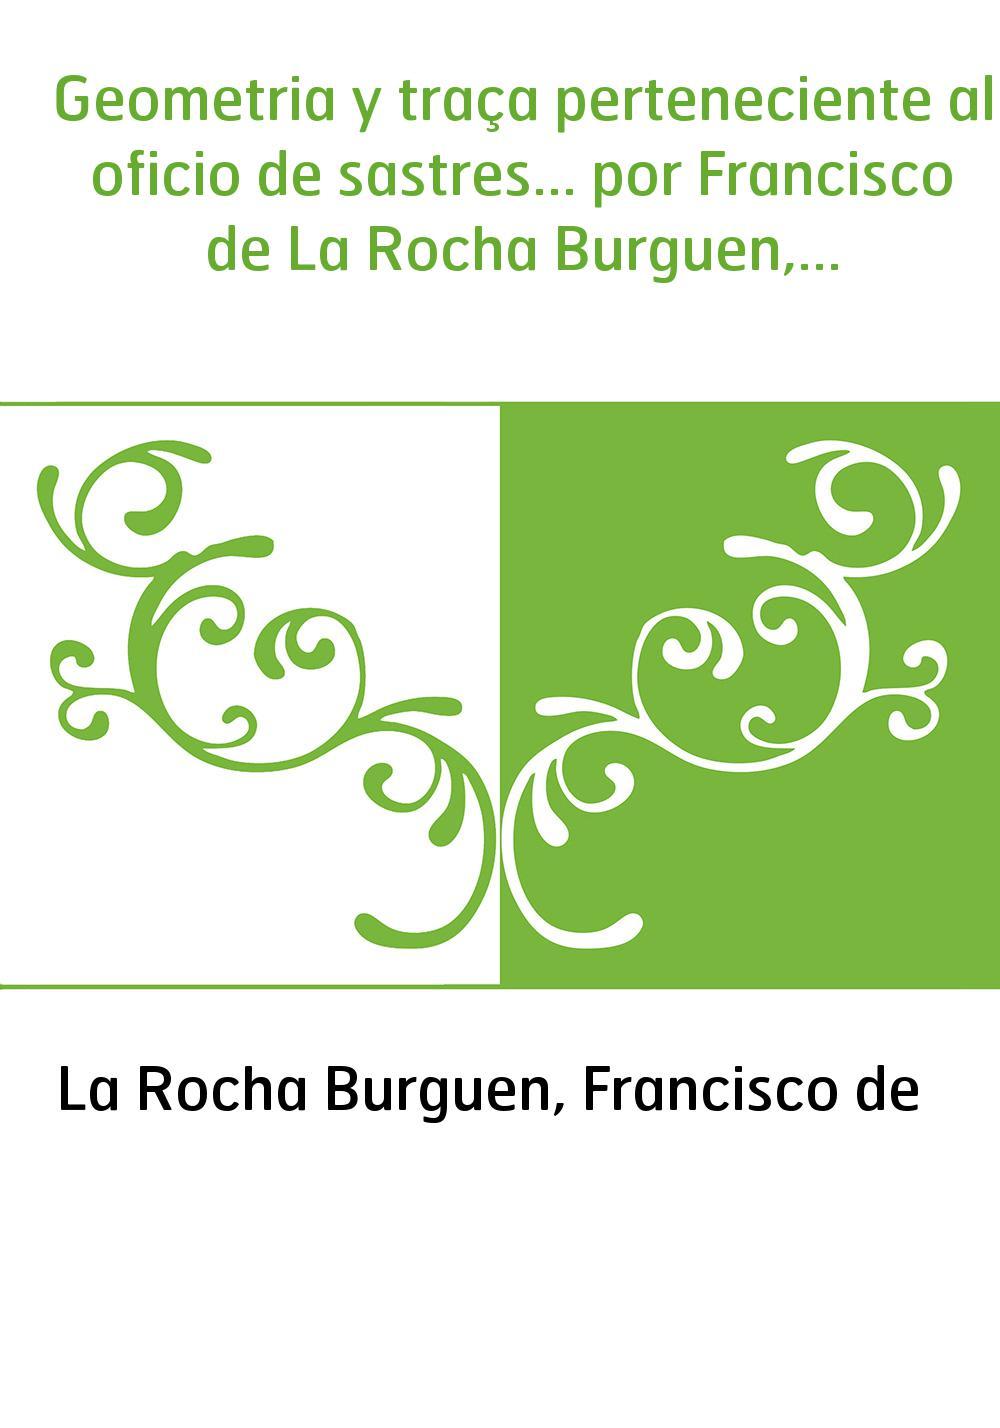 Geometria y traça perteneciente al oficio de sastres... por Francisco de La Rocha Burguen,...